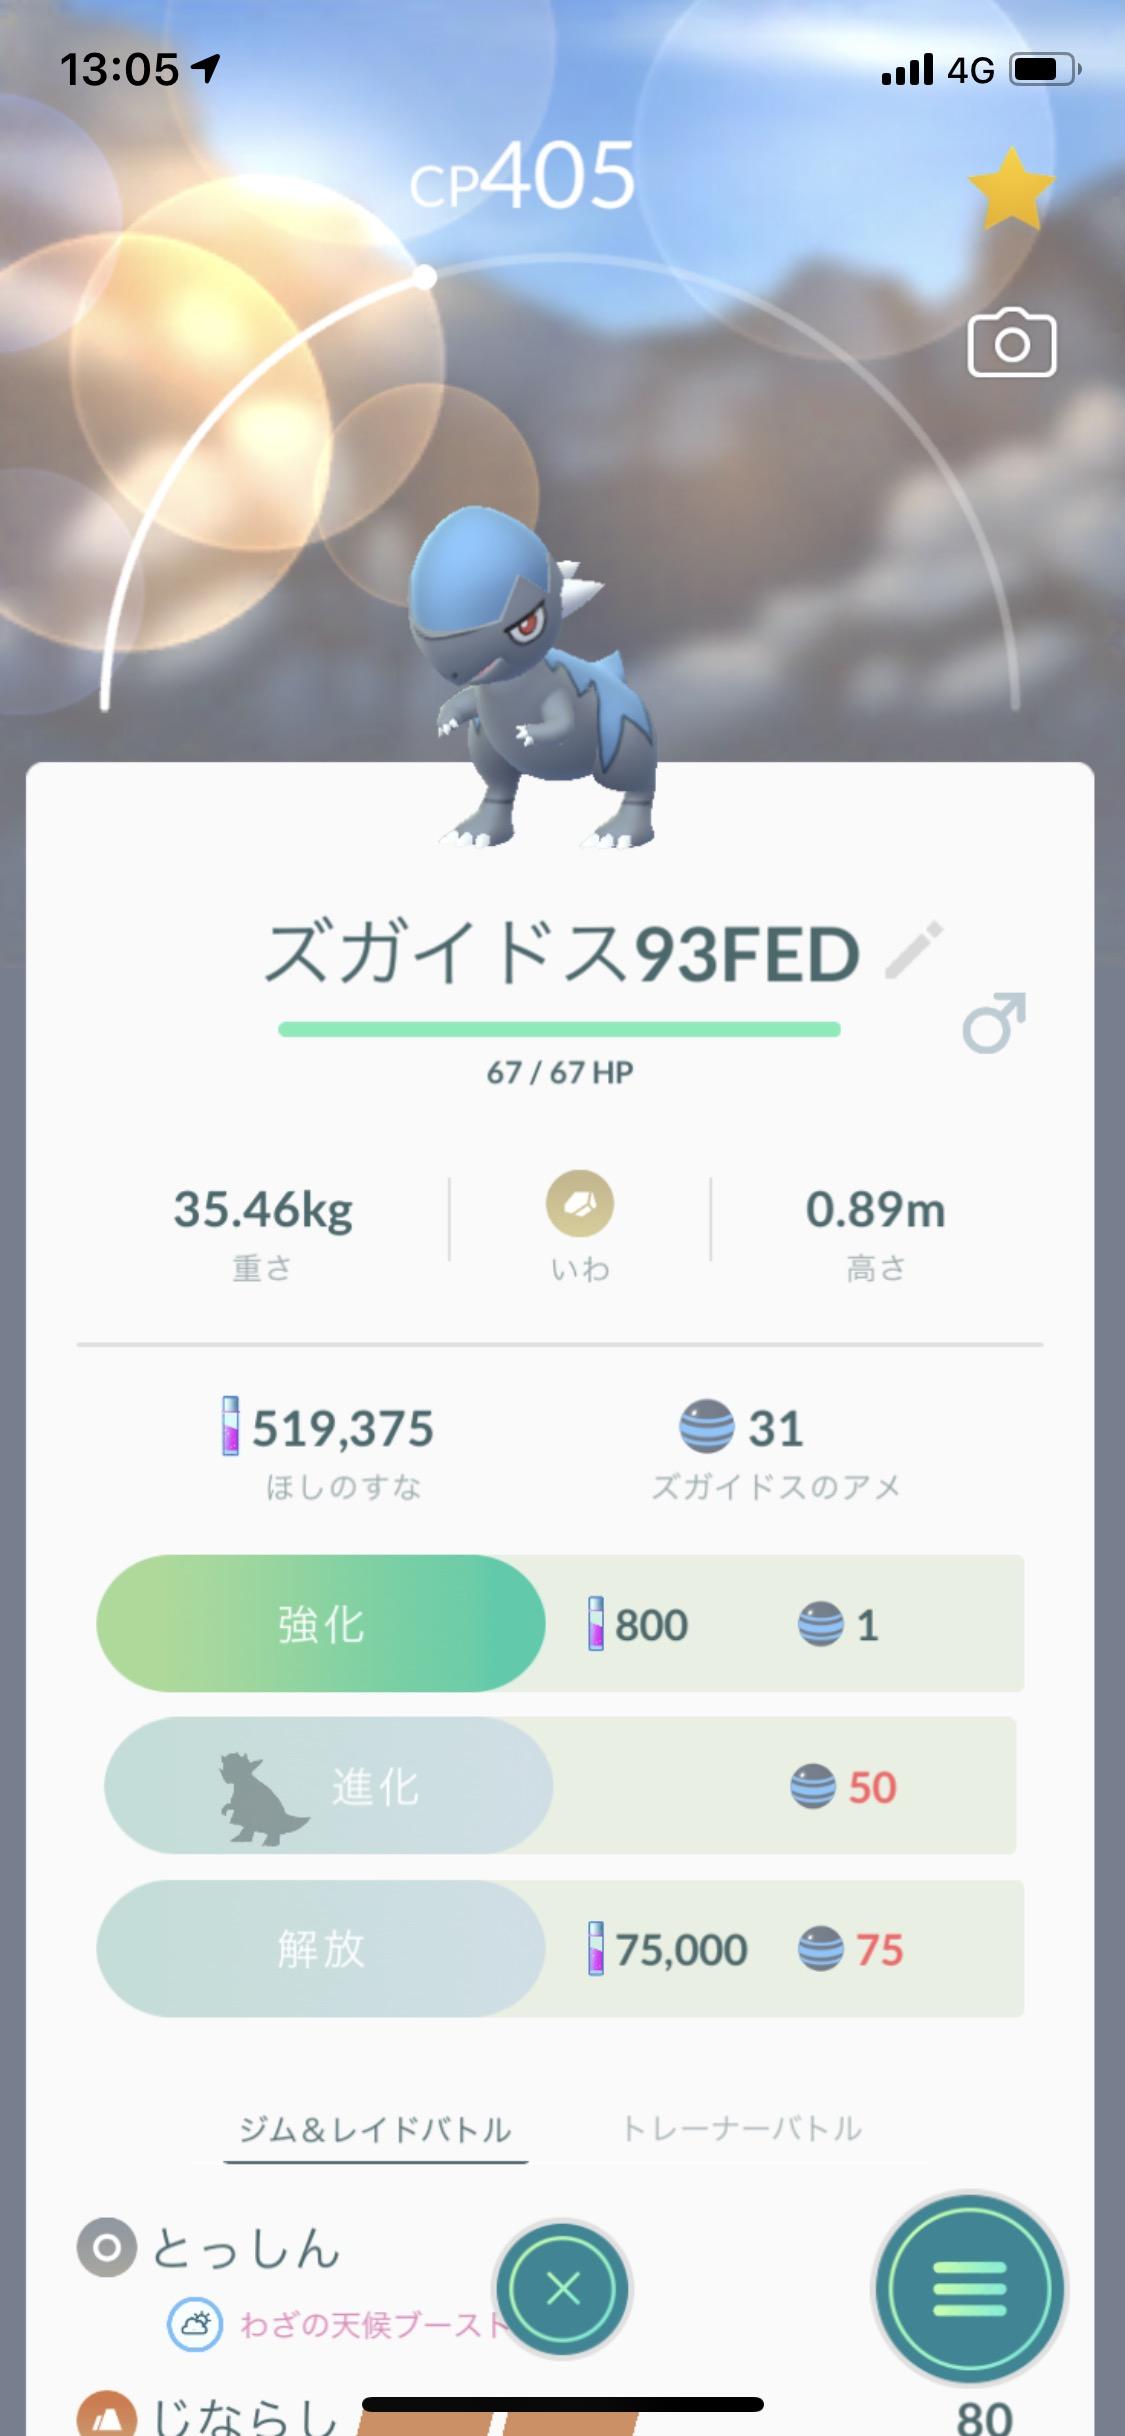 ポケモン go ズガイドスの進化